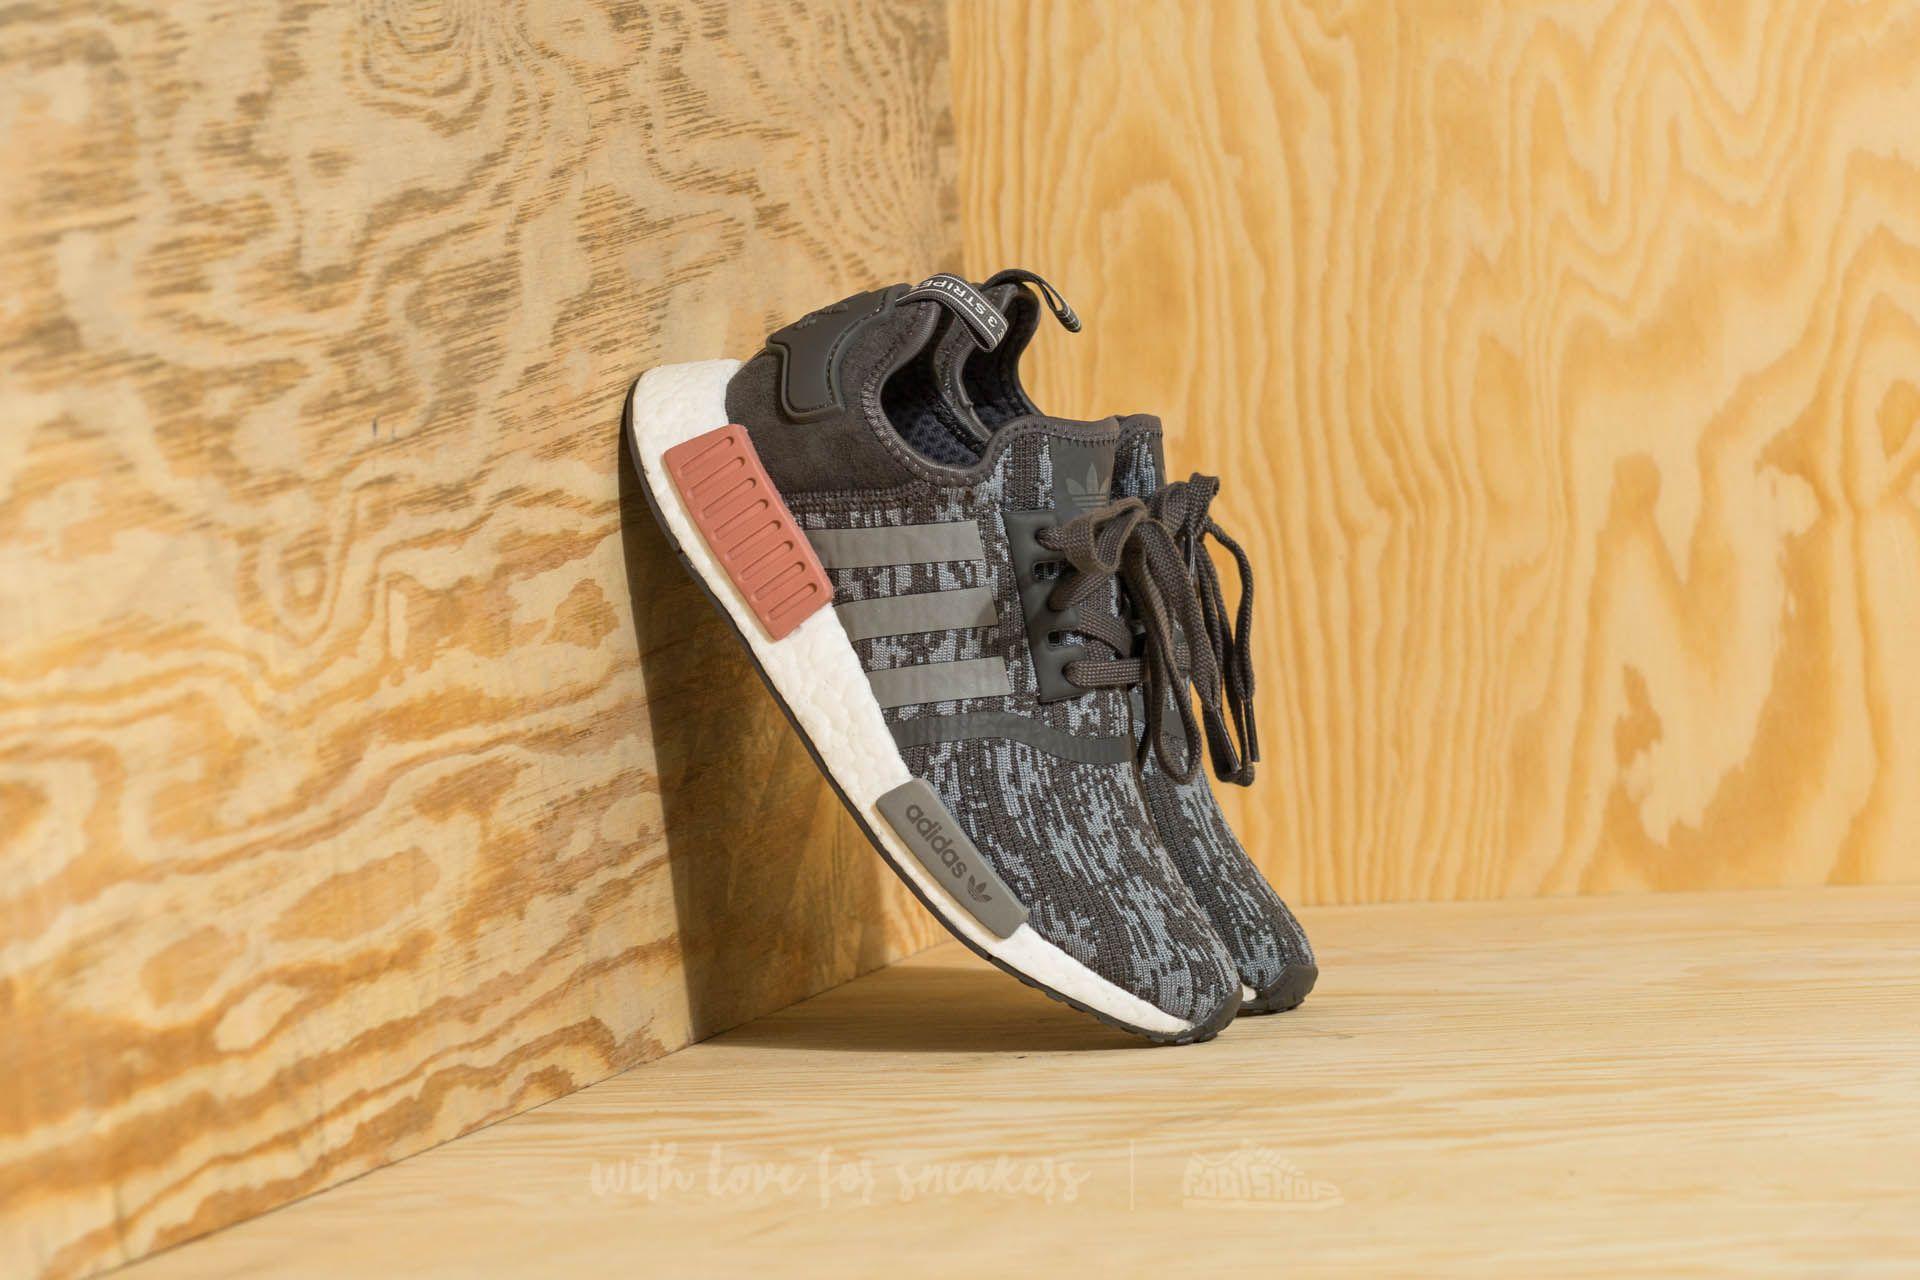 b9dbe1cd0 adidas NMD R1 Grey Five  Grey Three  Raw Pink